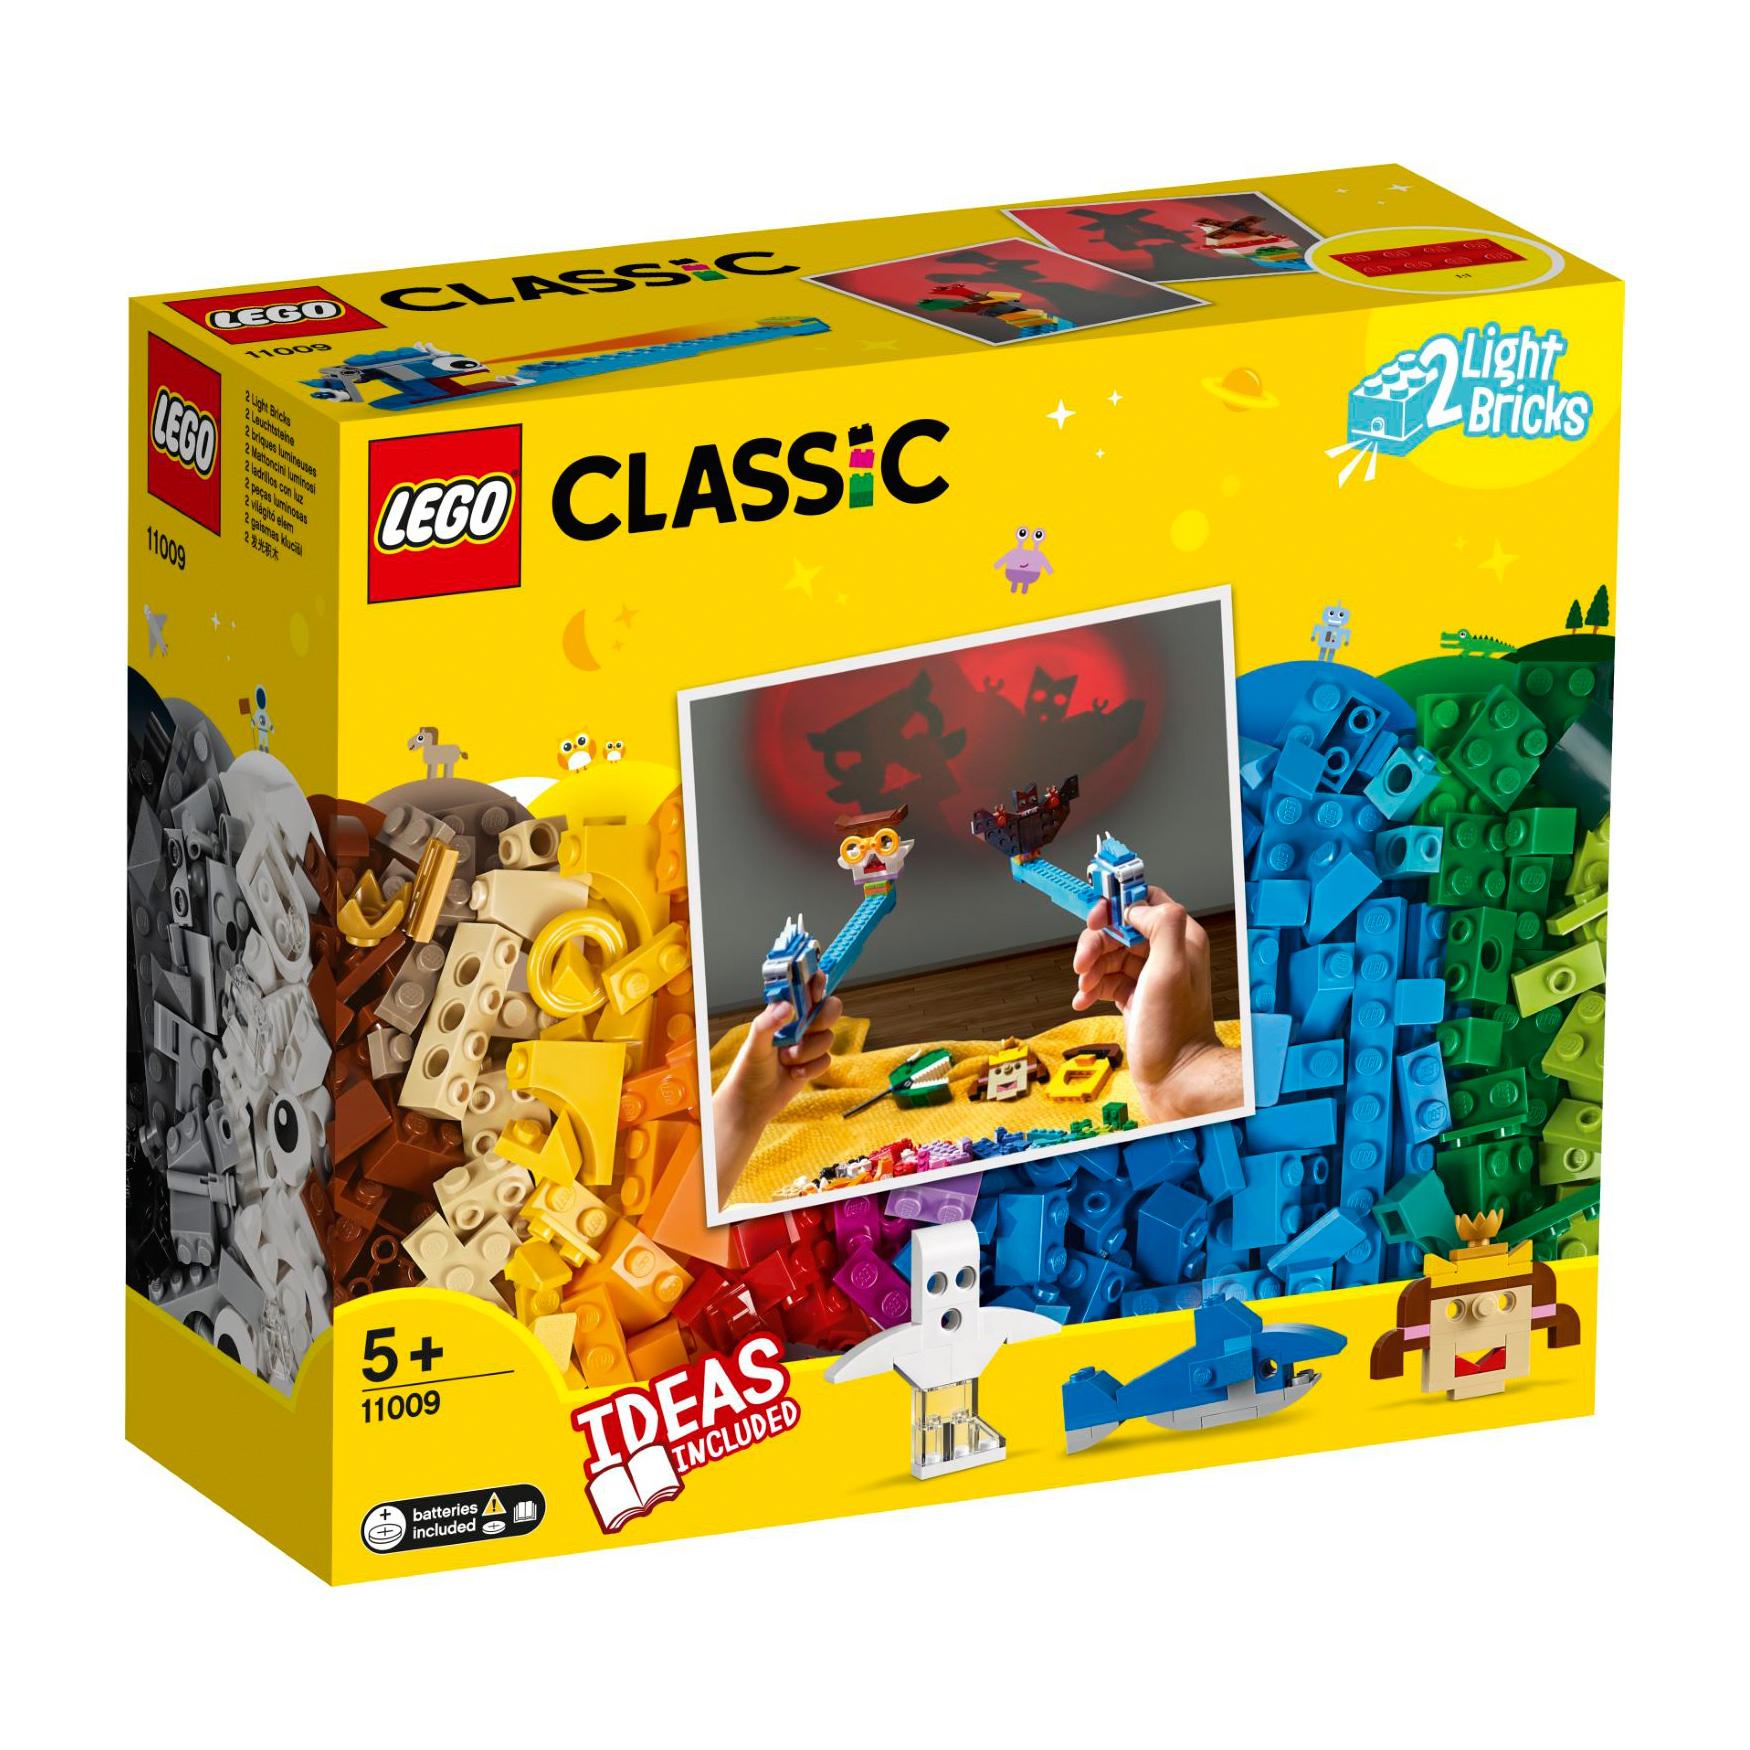 לגו מגה סטור קלאסיק 11009 LEGO Shadow Theatre